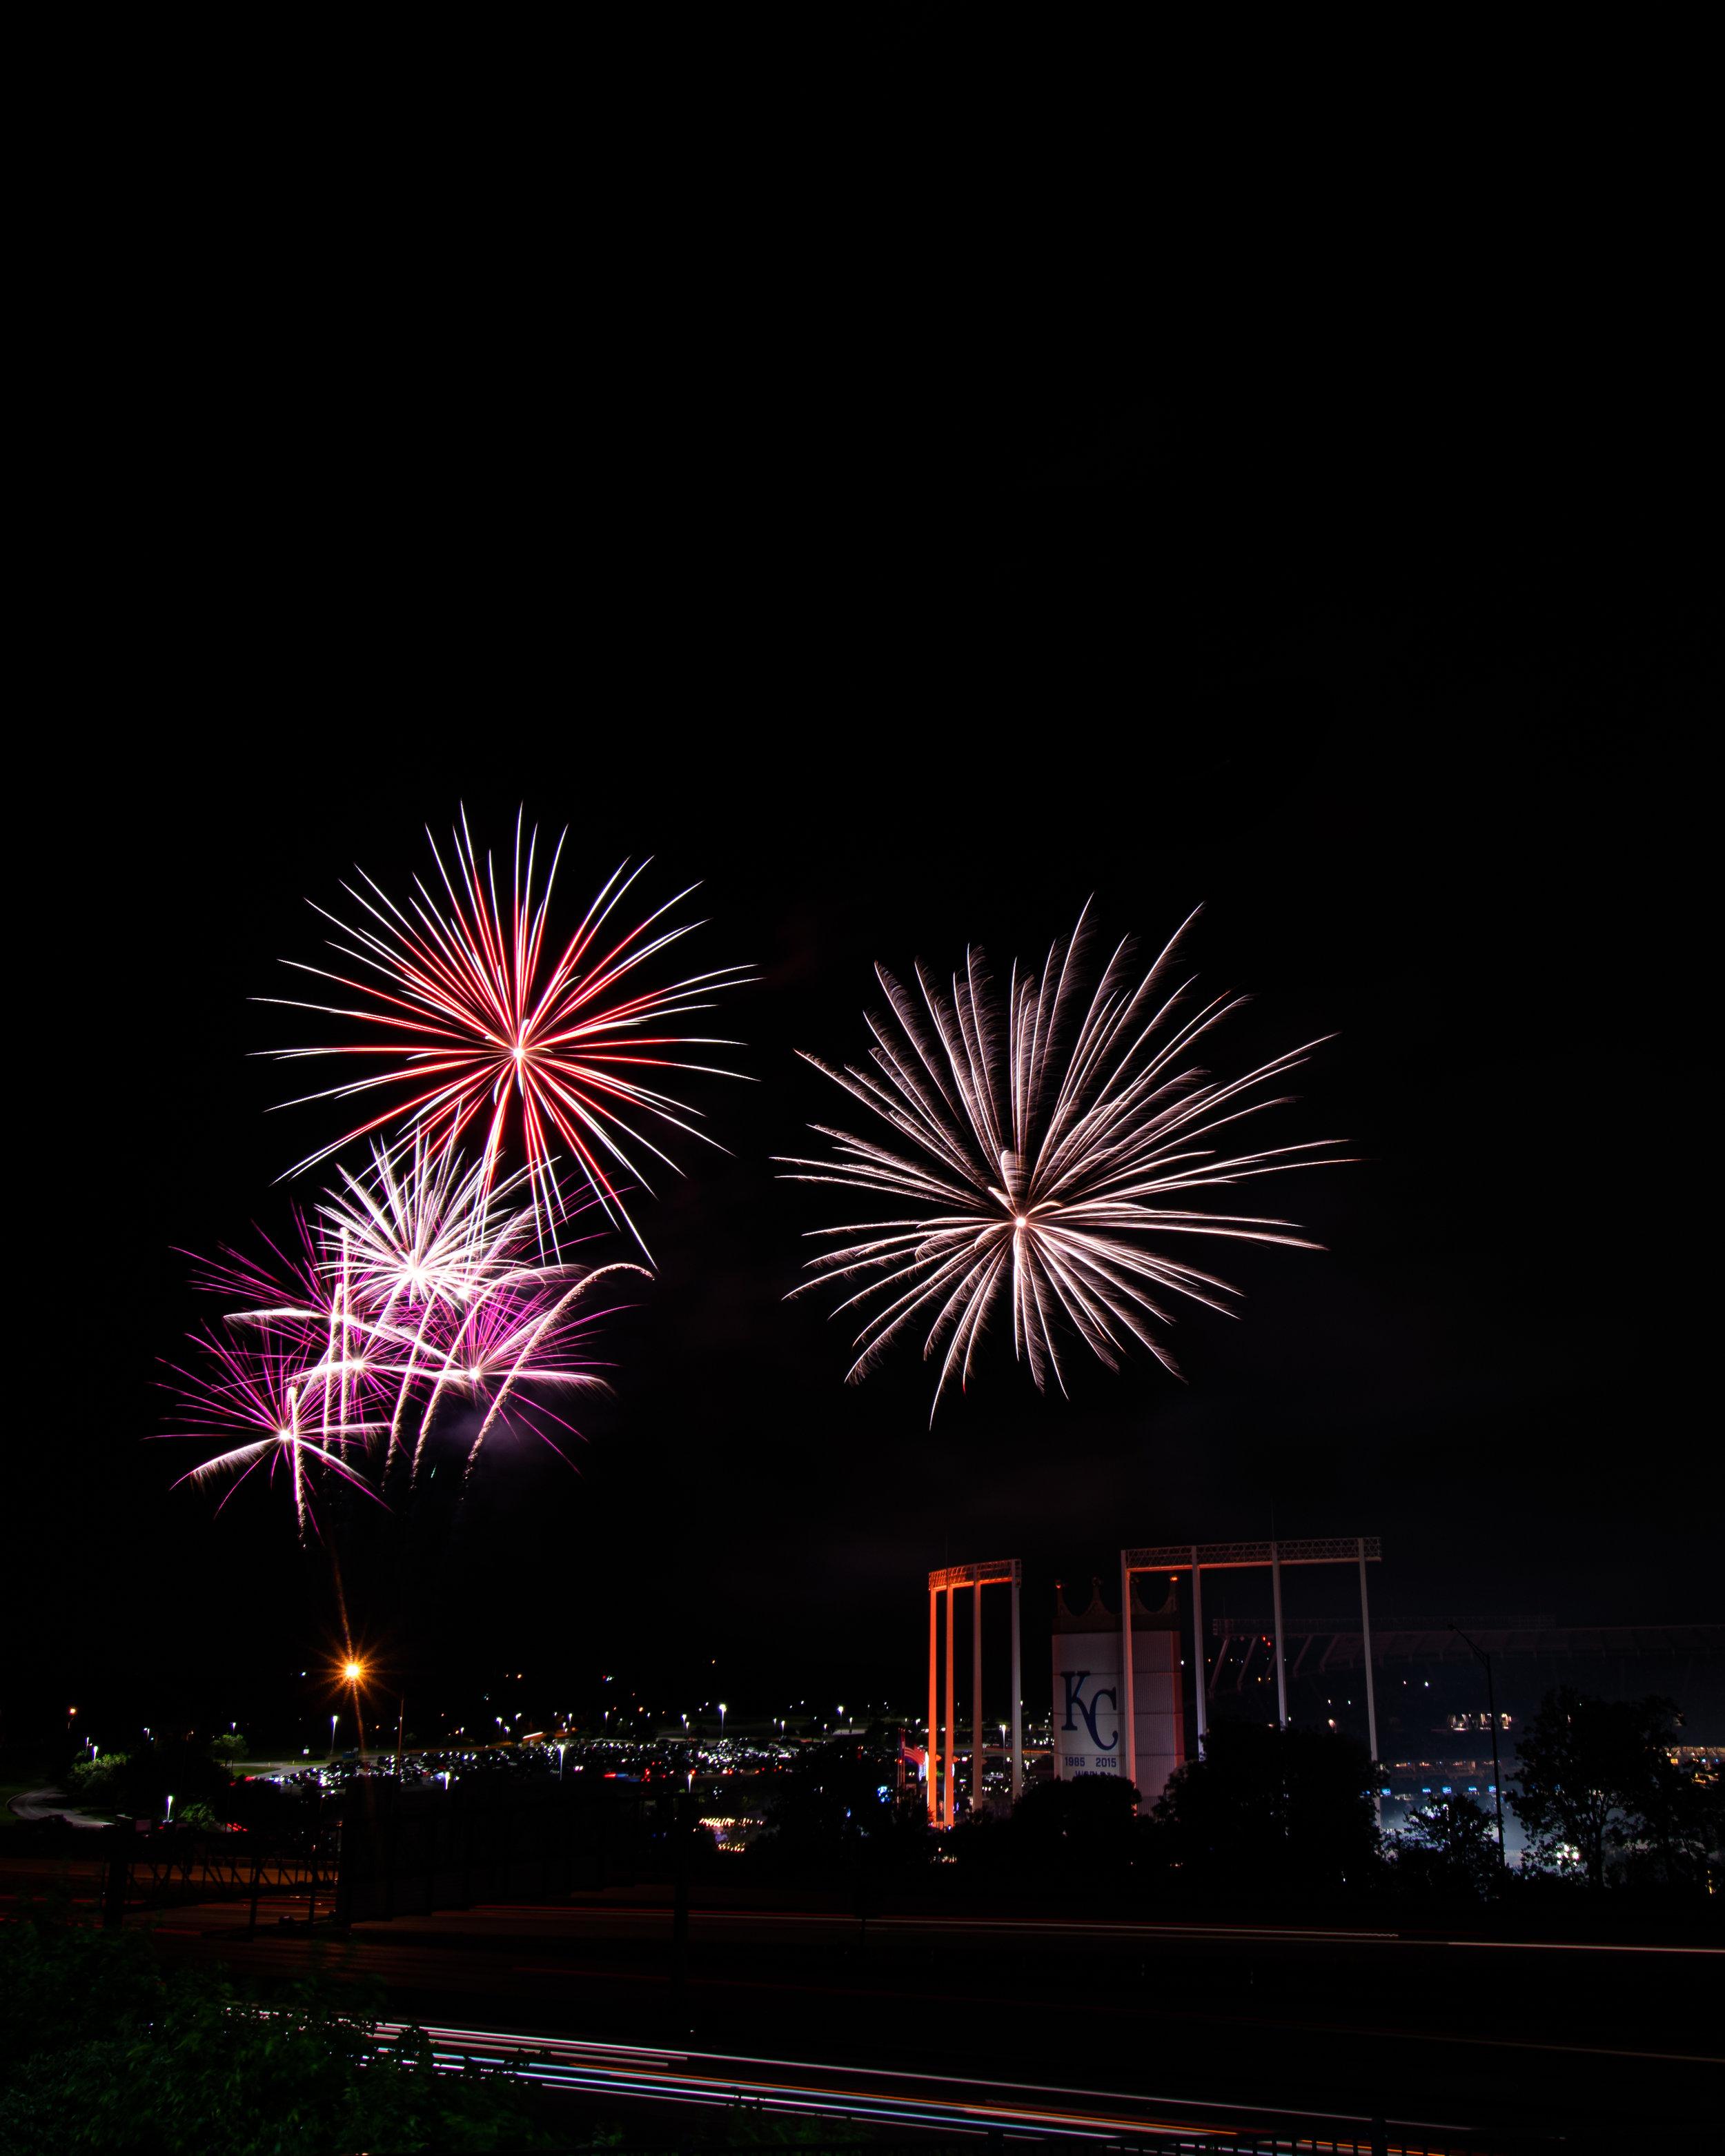 firework-friday-11-of-51_48108275311_o.jpg